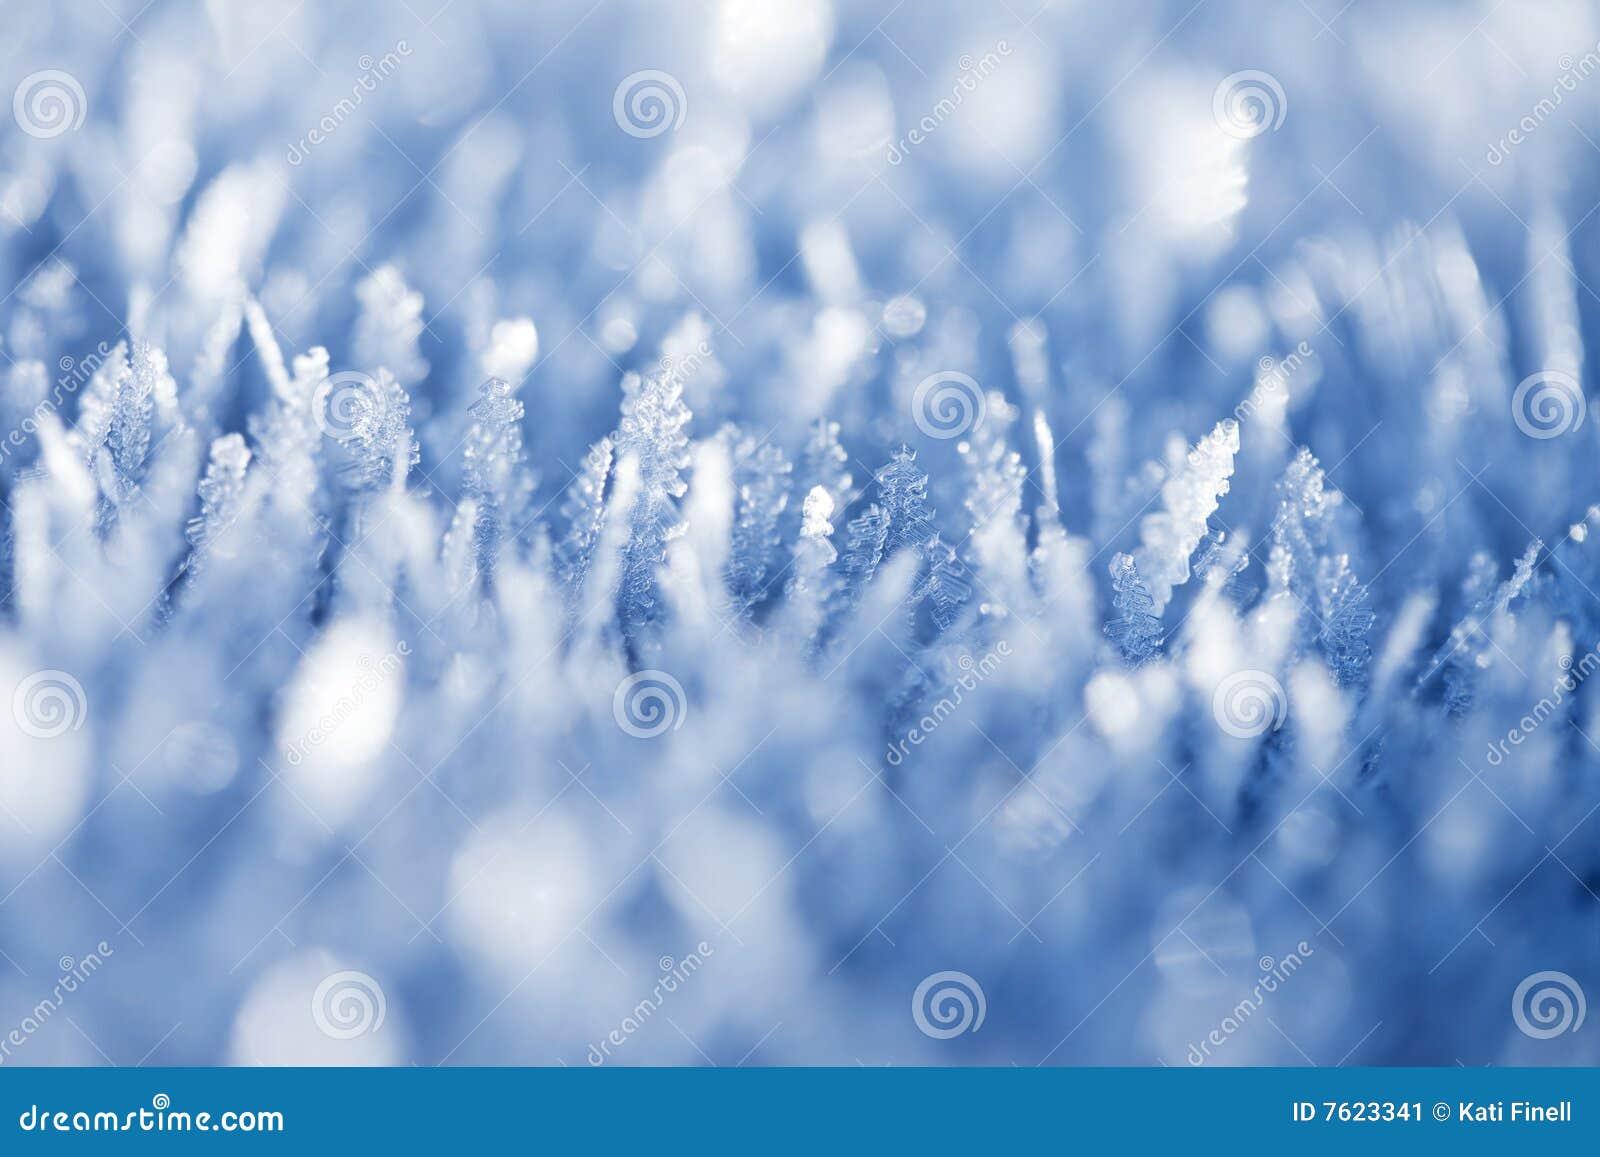 Chrystals冰